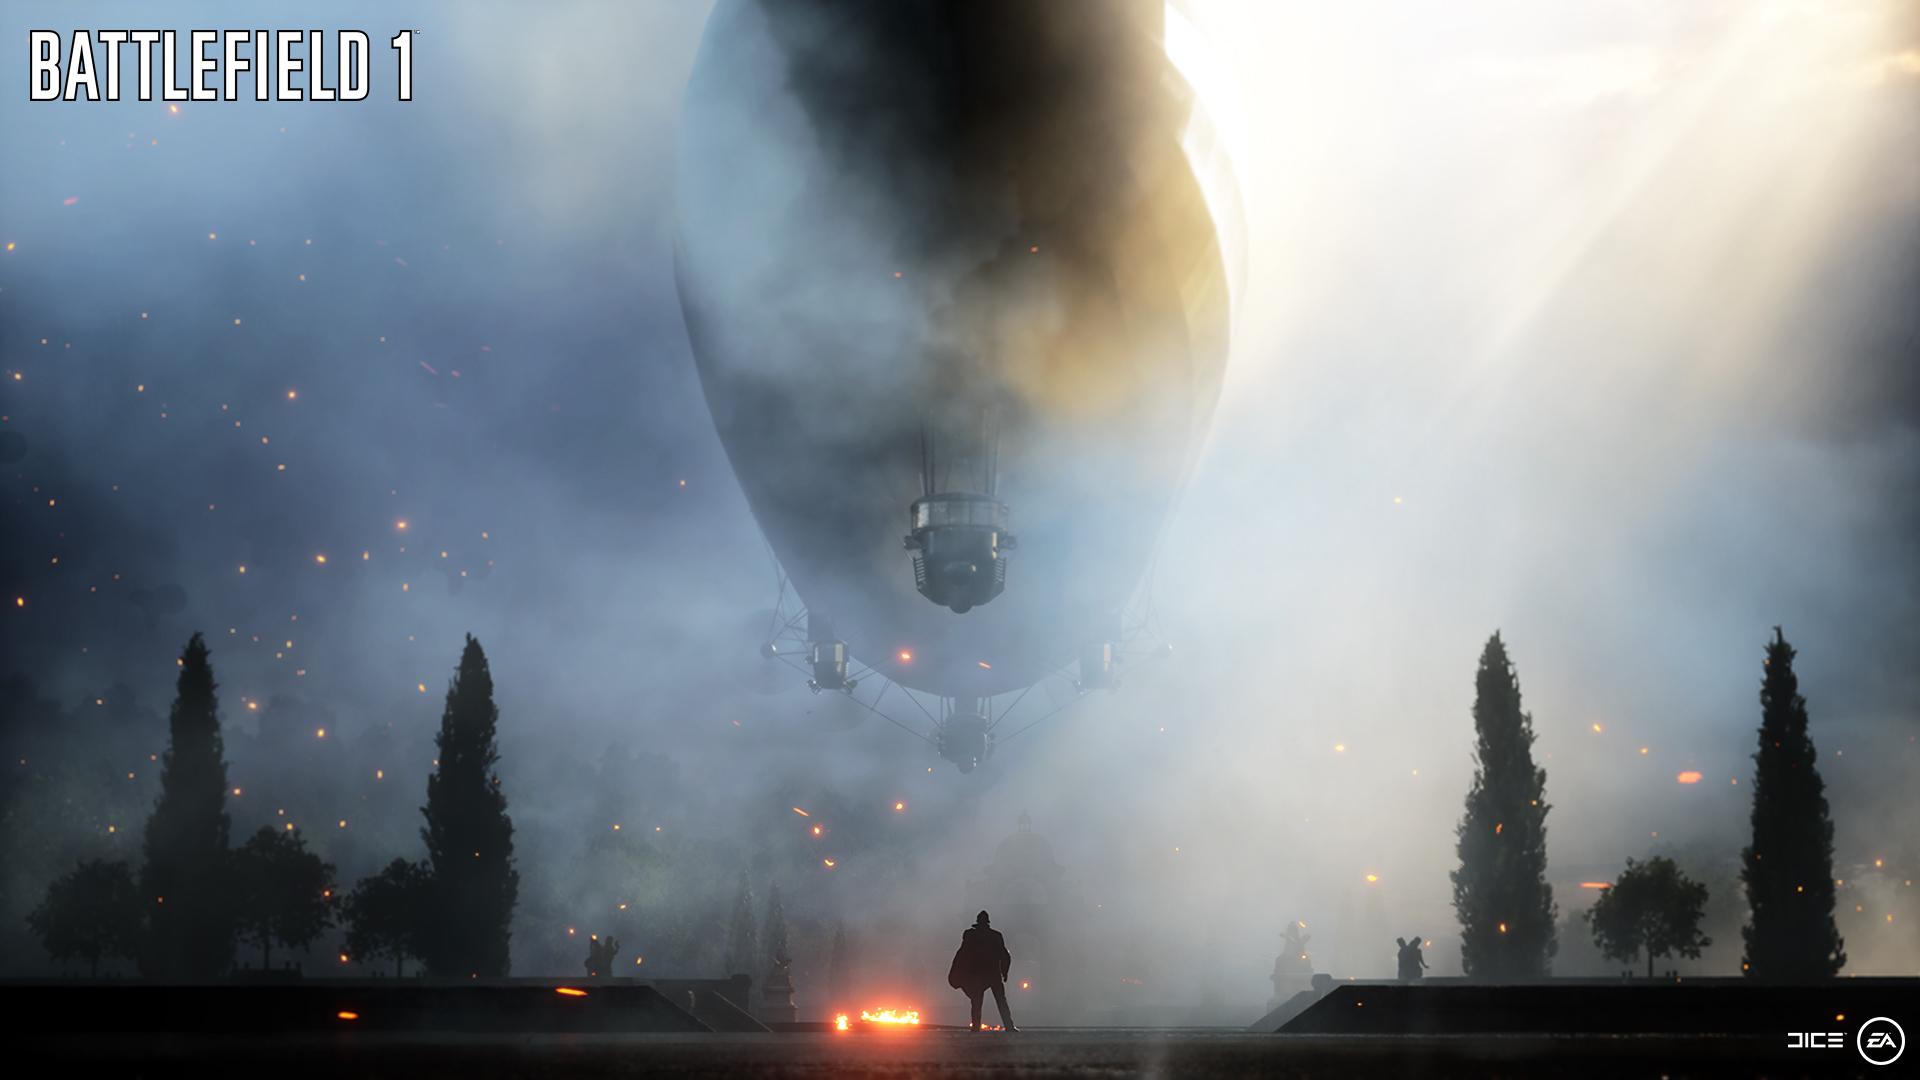 Battlefield 1 Photos